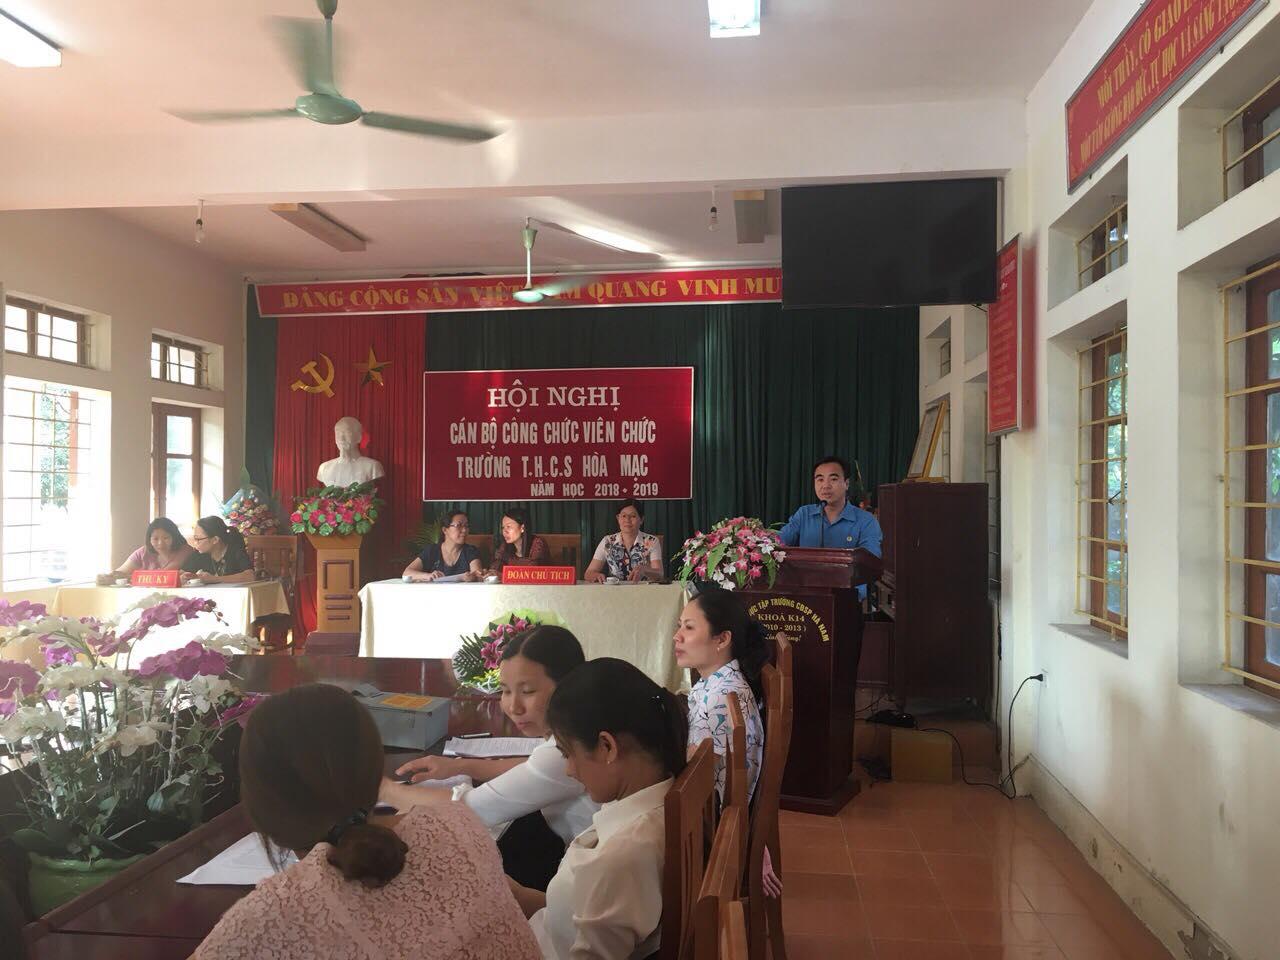 Đ/c Nguyễn Việt Hùng thay mặt Liên đoàn lao động huyện Duy Tiên phát biểu ý kiến chỉ đạo.